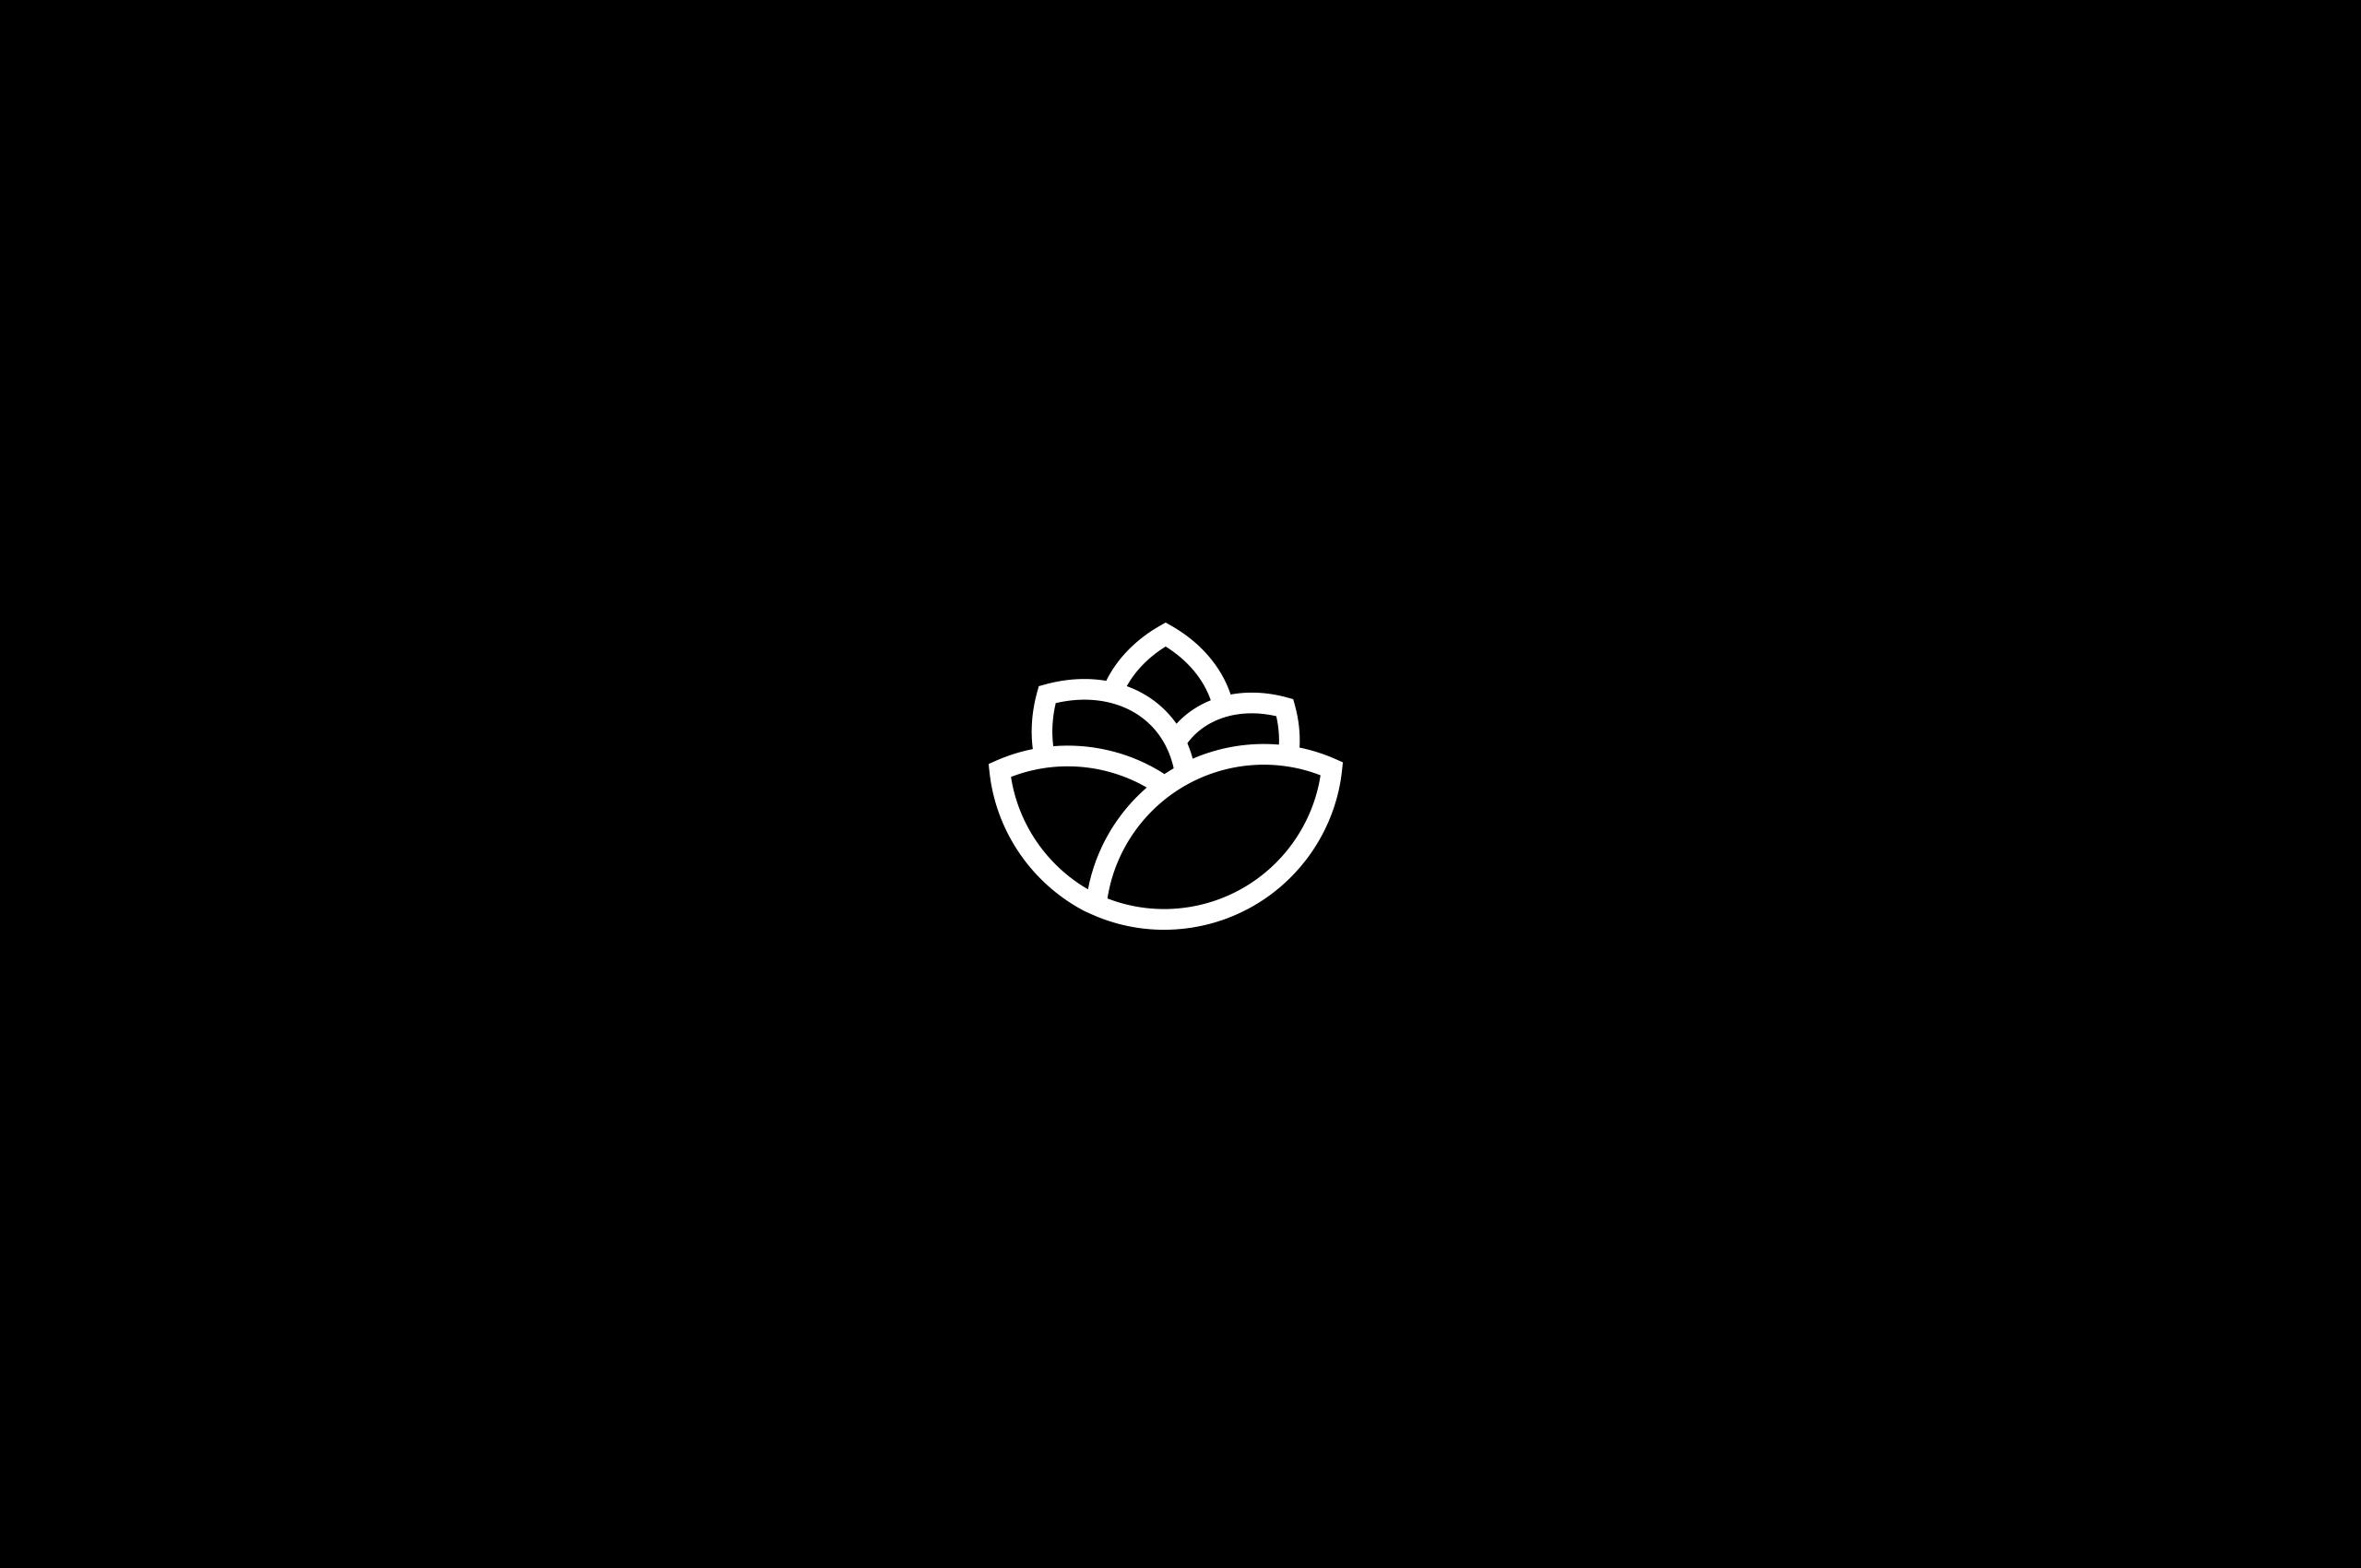 logocollection-2021-28